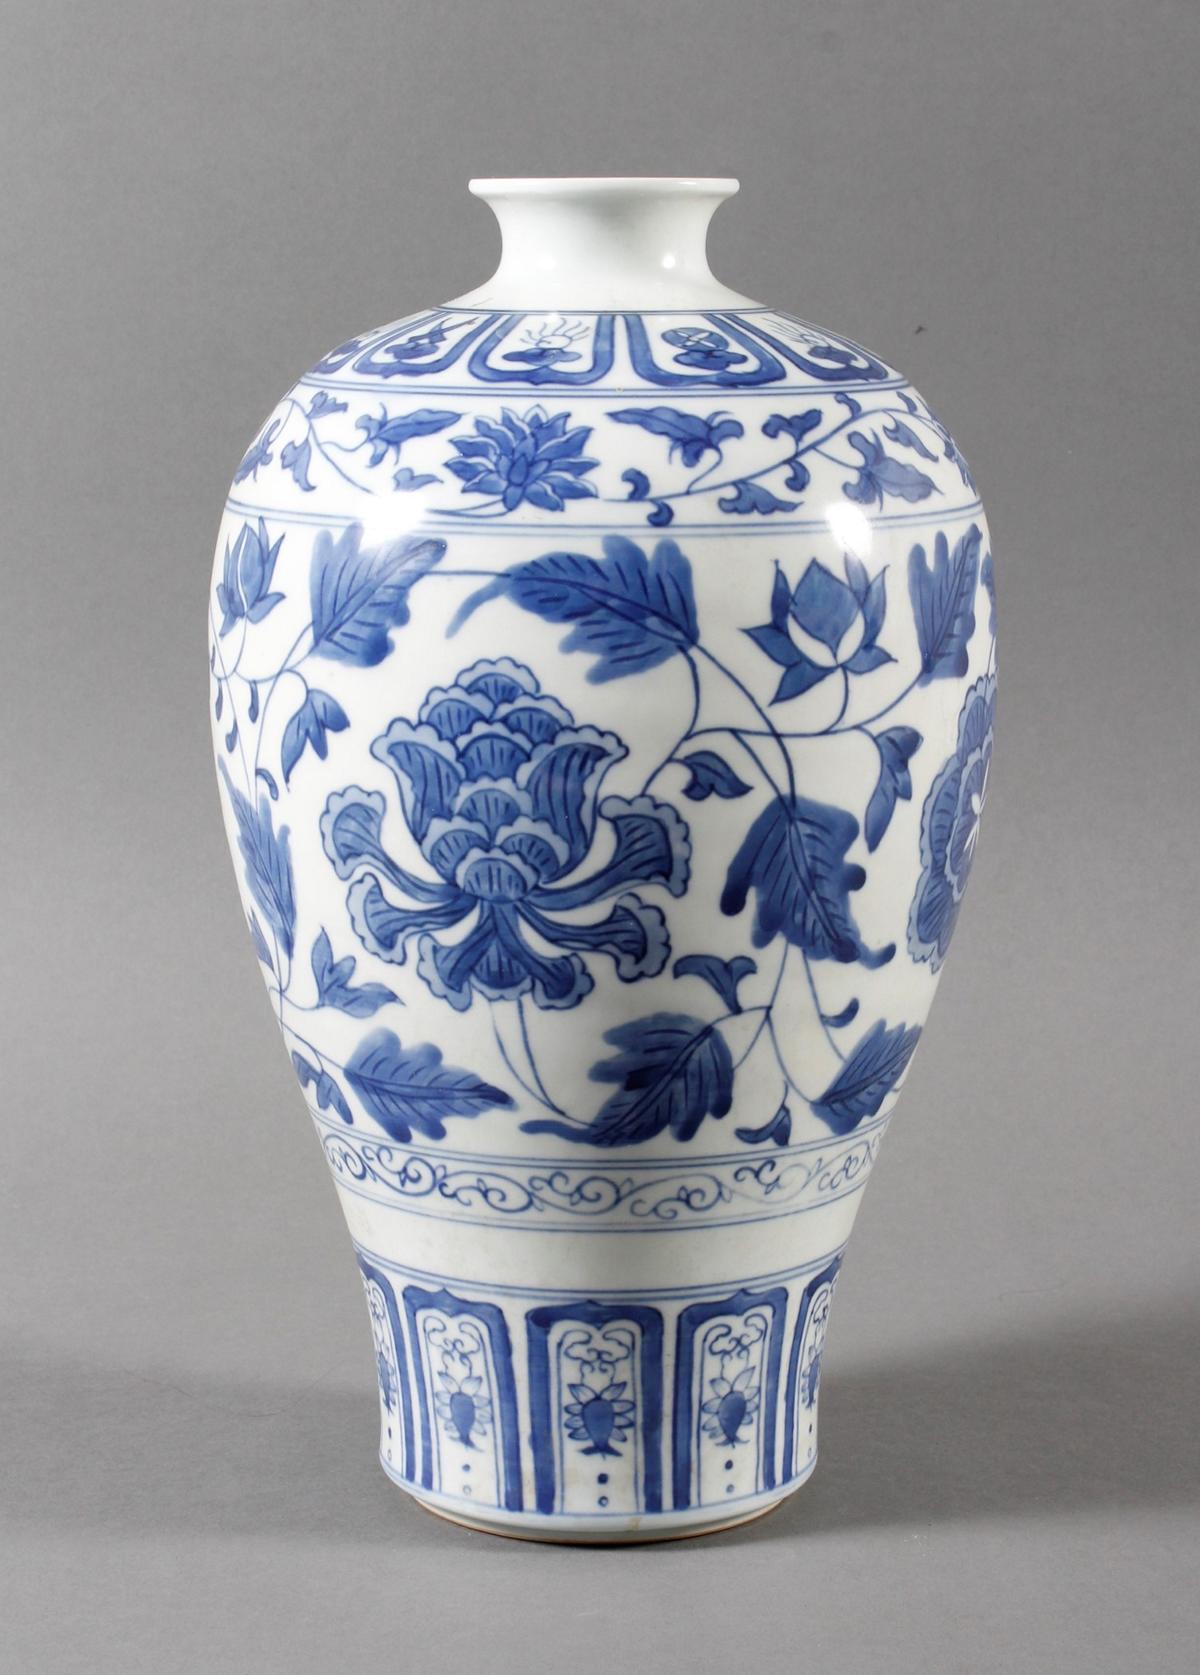 """Blau-Weiß- Porzellan Ziervase """"Meiping"""", China, Thung-chih 1862-1874 gemarkt"""